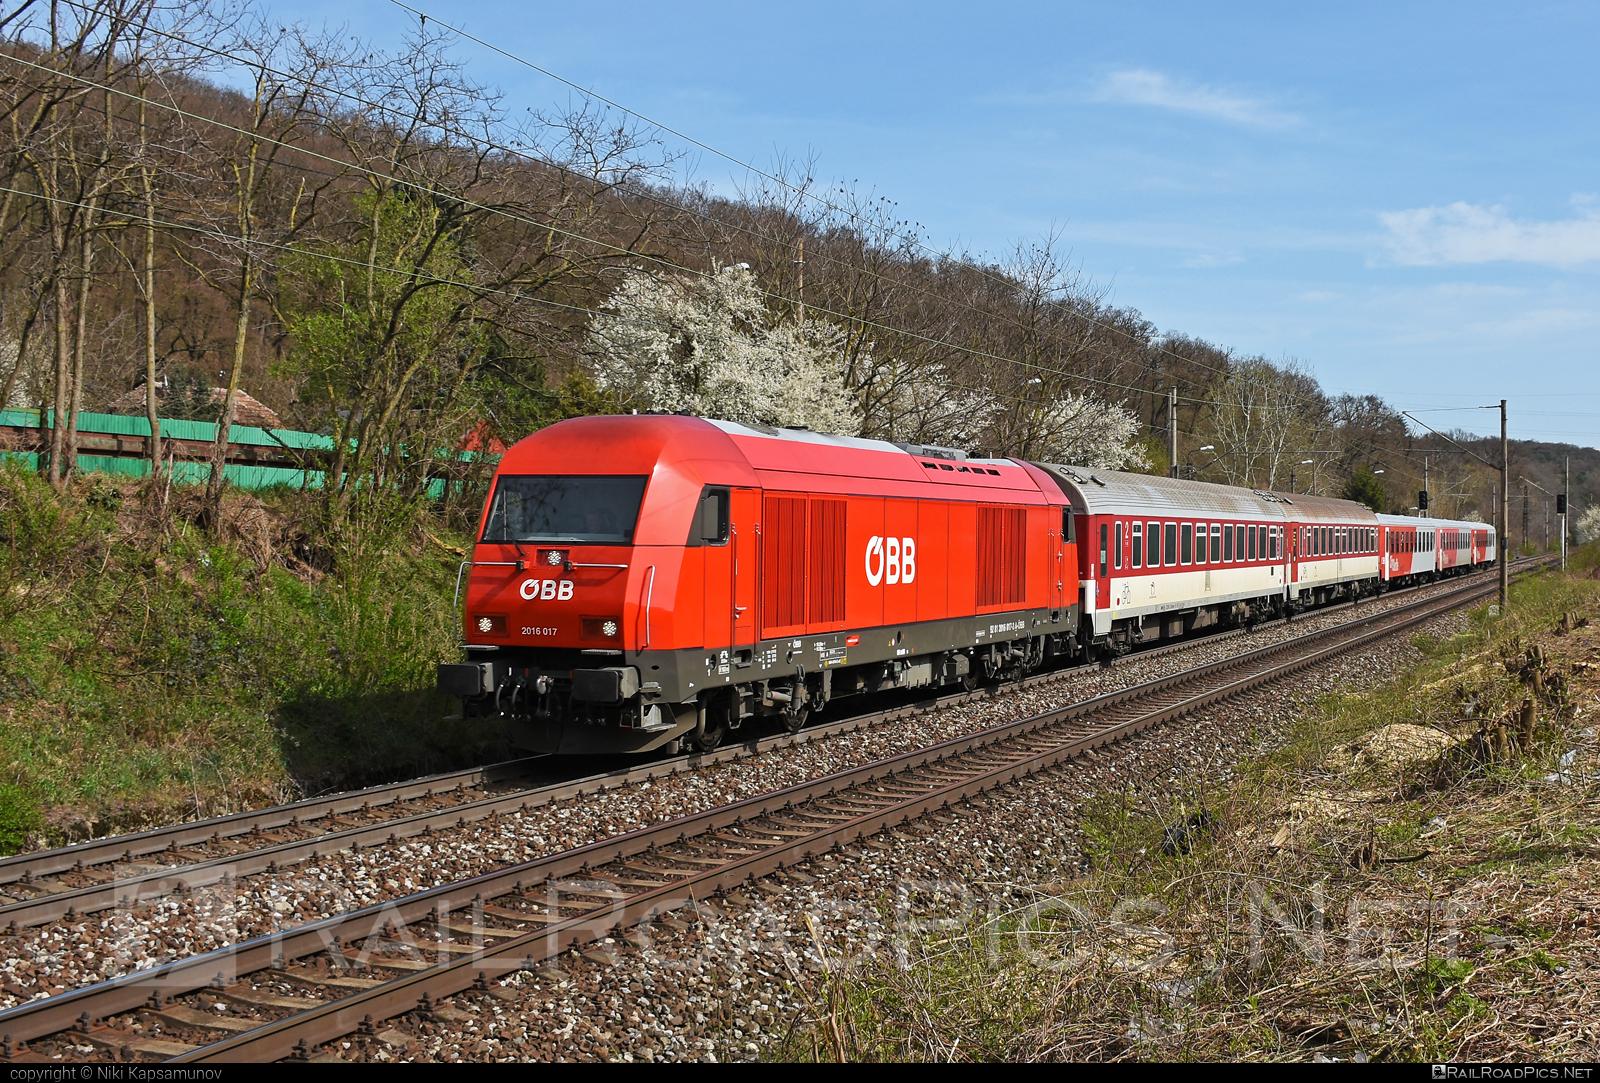 Siemens ER20 - 2016 017 operated by Österreichische Bundesbahnen #cityshuttle #er20 #er20hercules #eurorunner #hercules #obb #osterreichischebundesbahnen #siemens #siemenser20 #siemenser20hercules #siemenseurorunner #siemenshercules